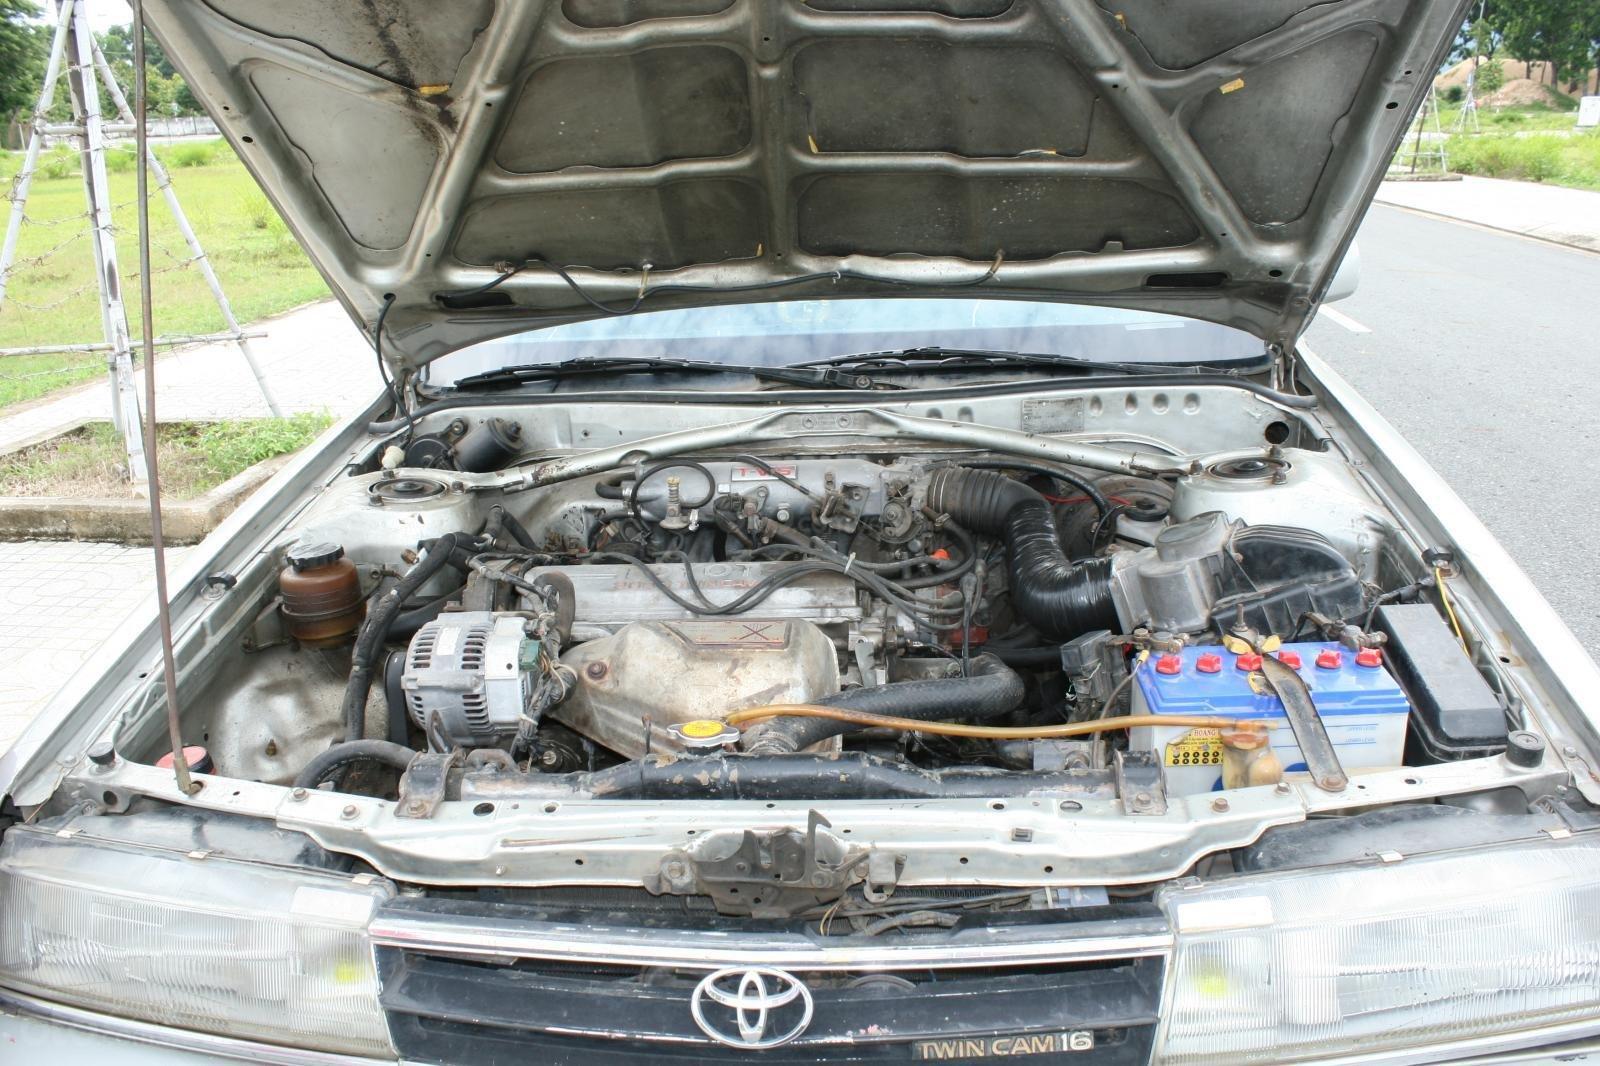 Bán ô tô Toyota Camry đời 1987, màu bạc, nhập khẩu nguyên chiếc chính chủ, giá 90tr (9)